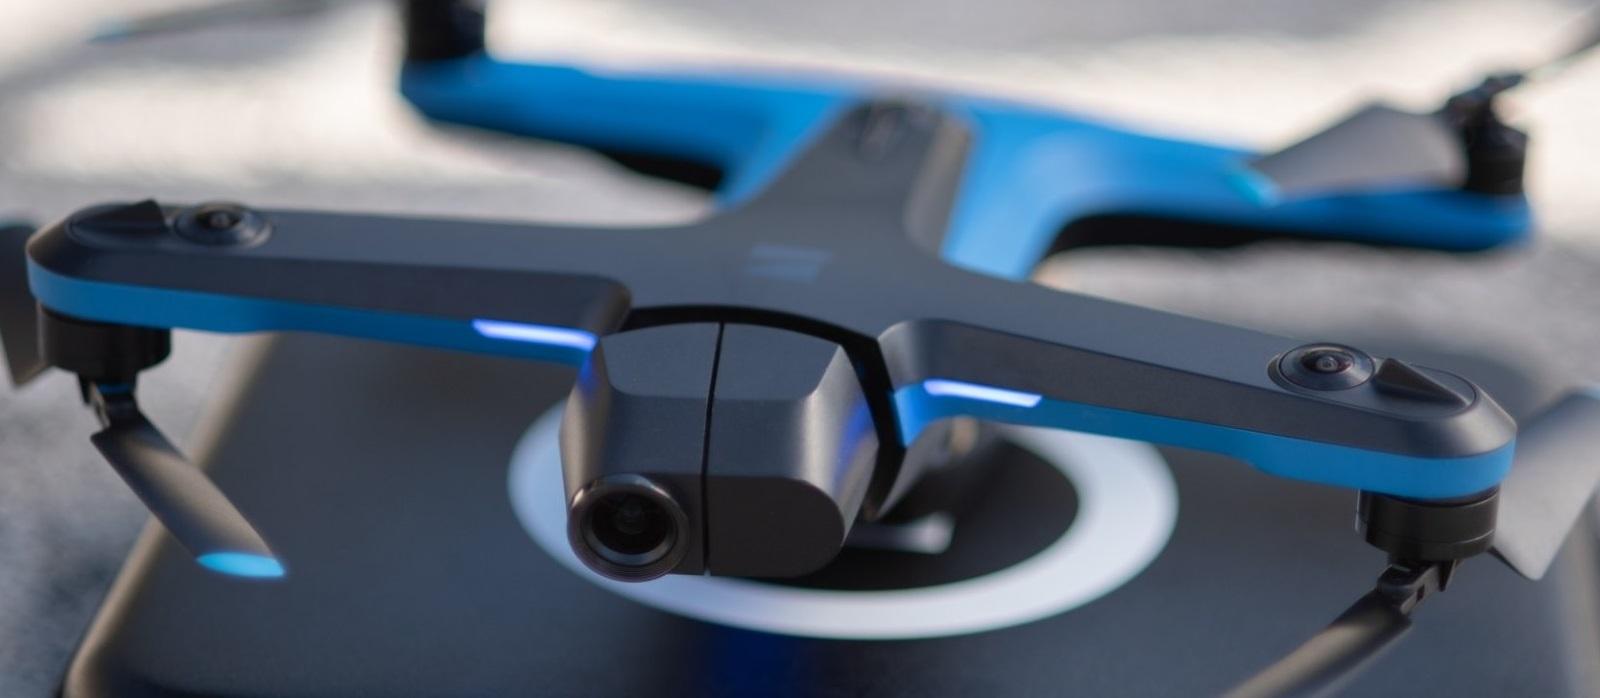 Skydio возобновляет производство дрона Skydio 2 и снова начинает поставки